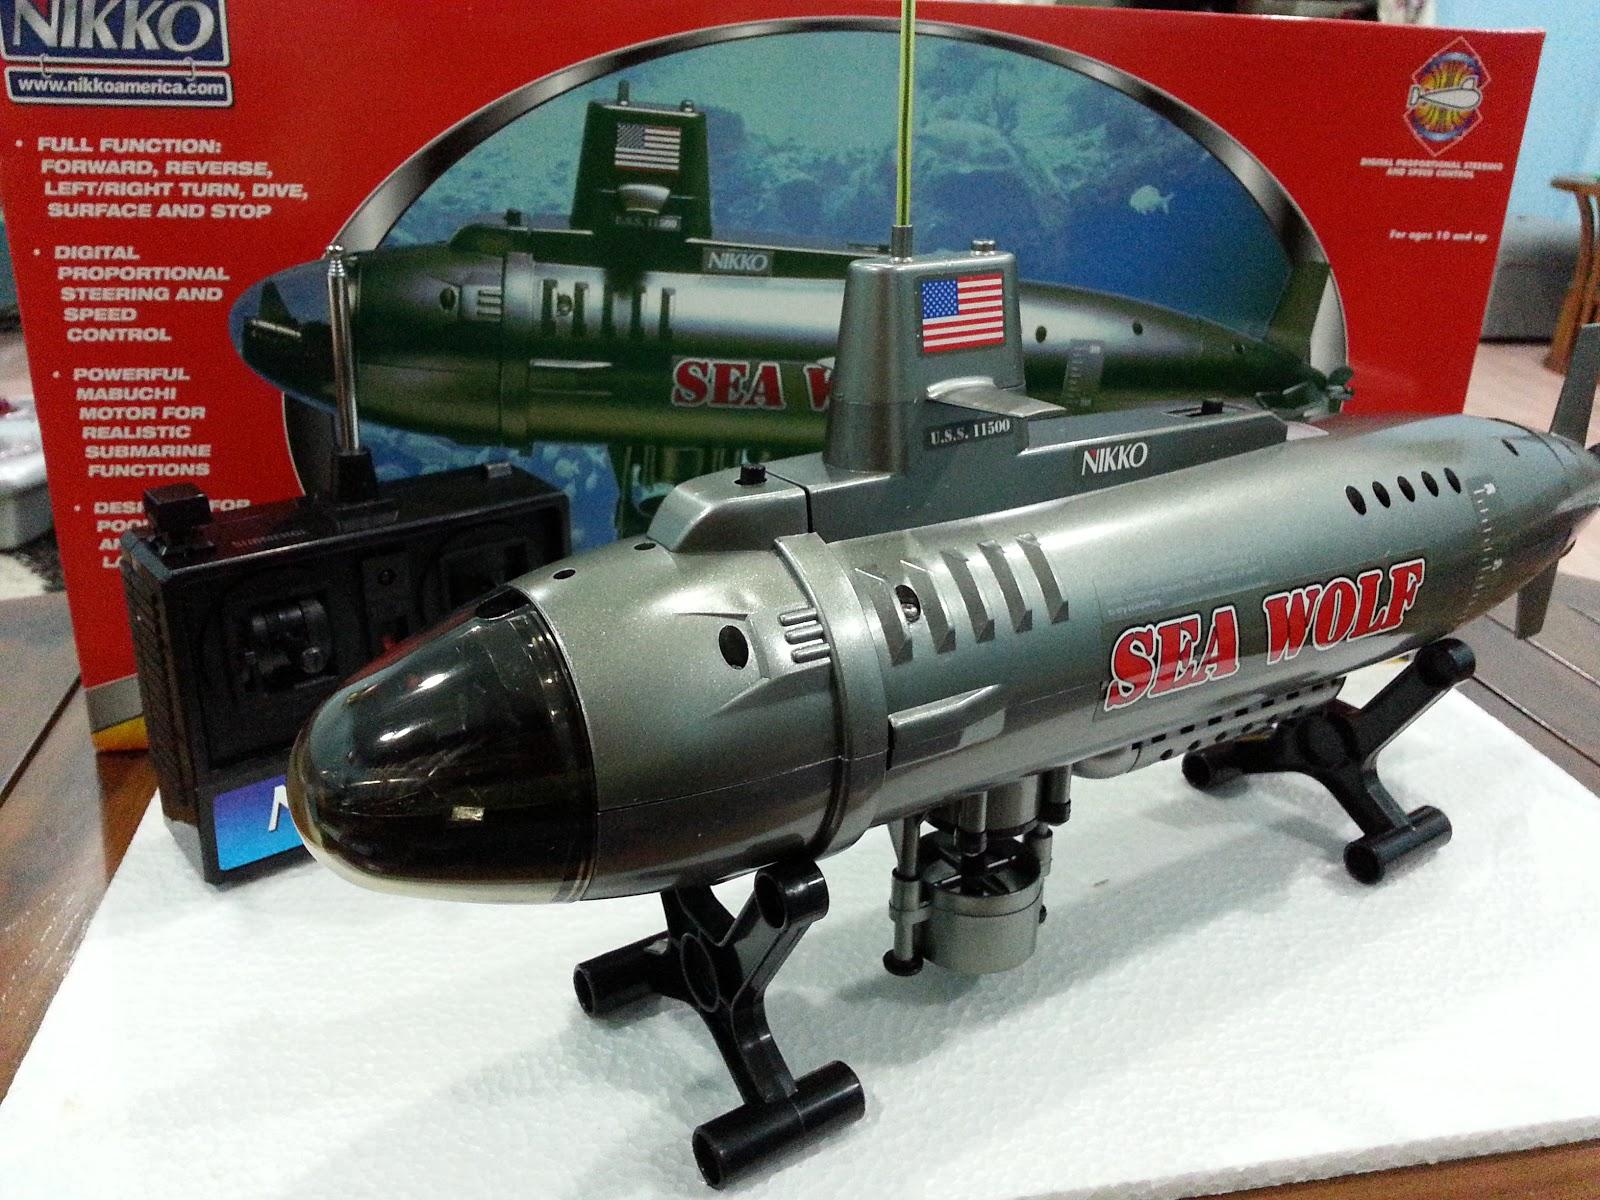 модели подводных лодок на радиоуправлении видео